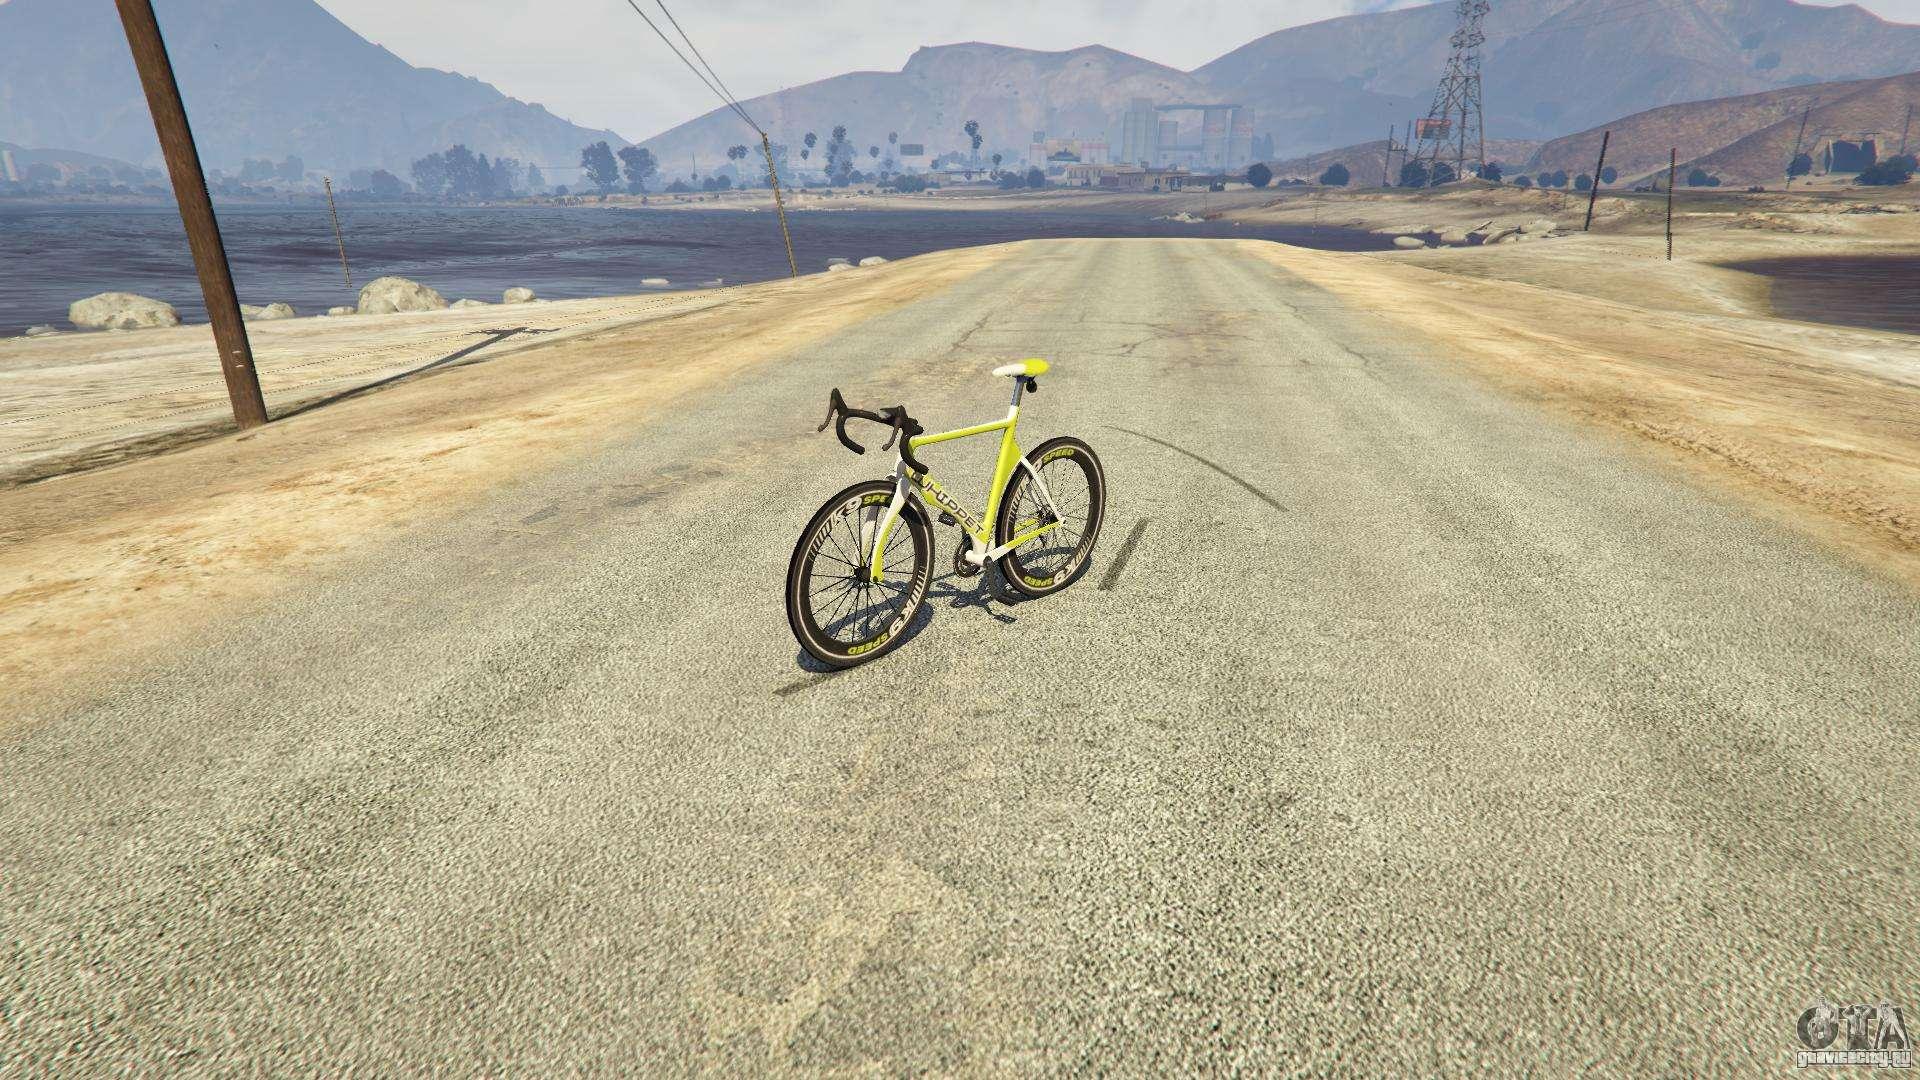 Whippet Race Bike из GTA 5